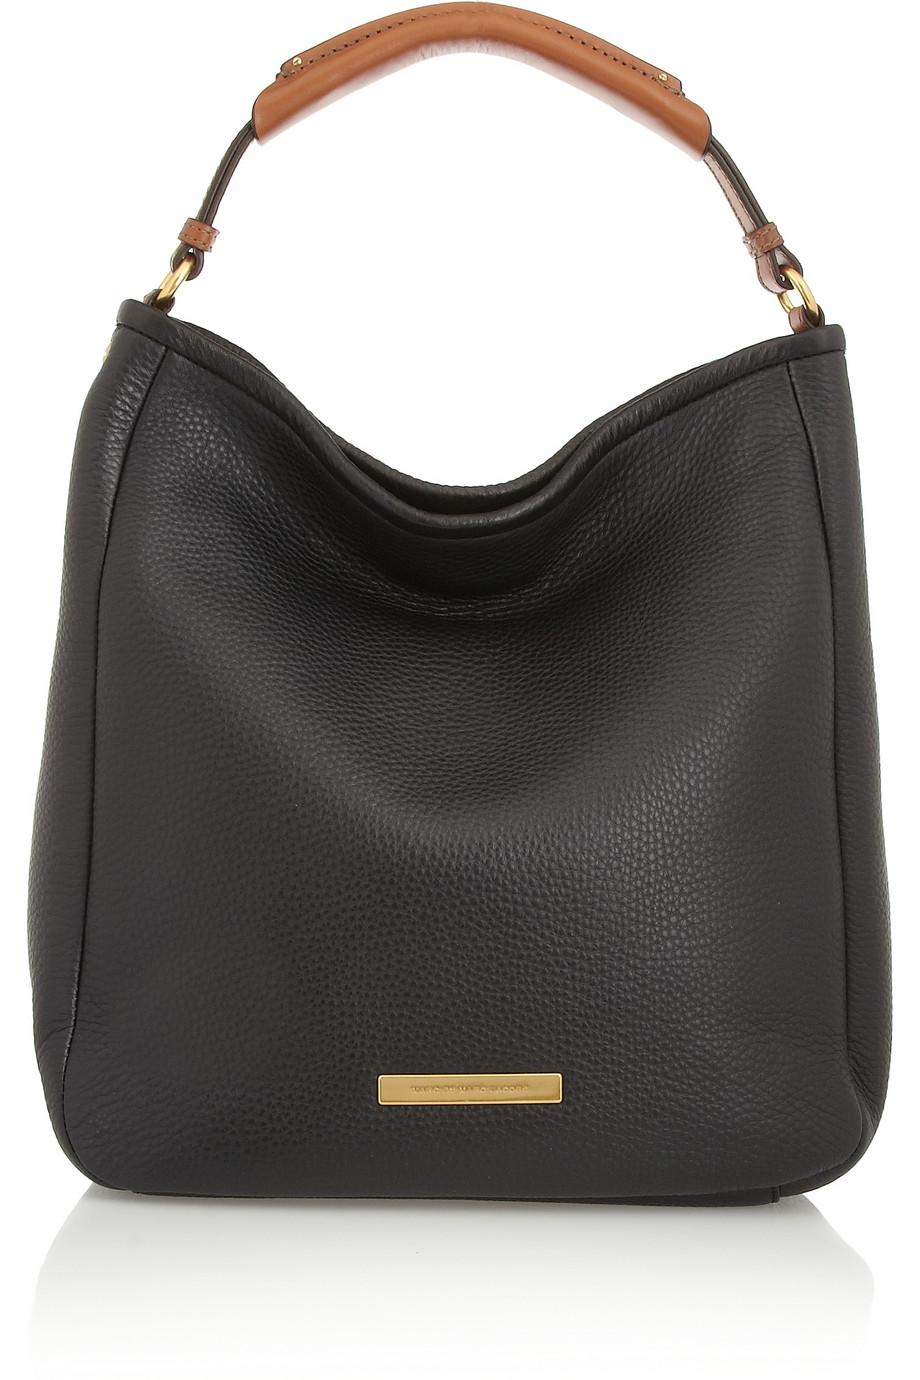 marc by marc jacobs softy saddle hobo texturedleather shoulder bag in black lyst. Black Bedroom Furniture Sets. Home Design Ideas